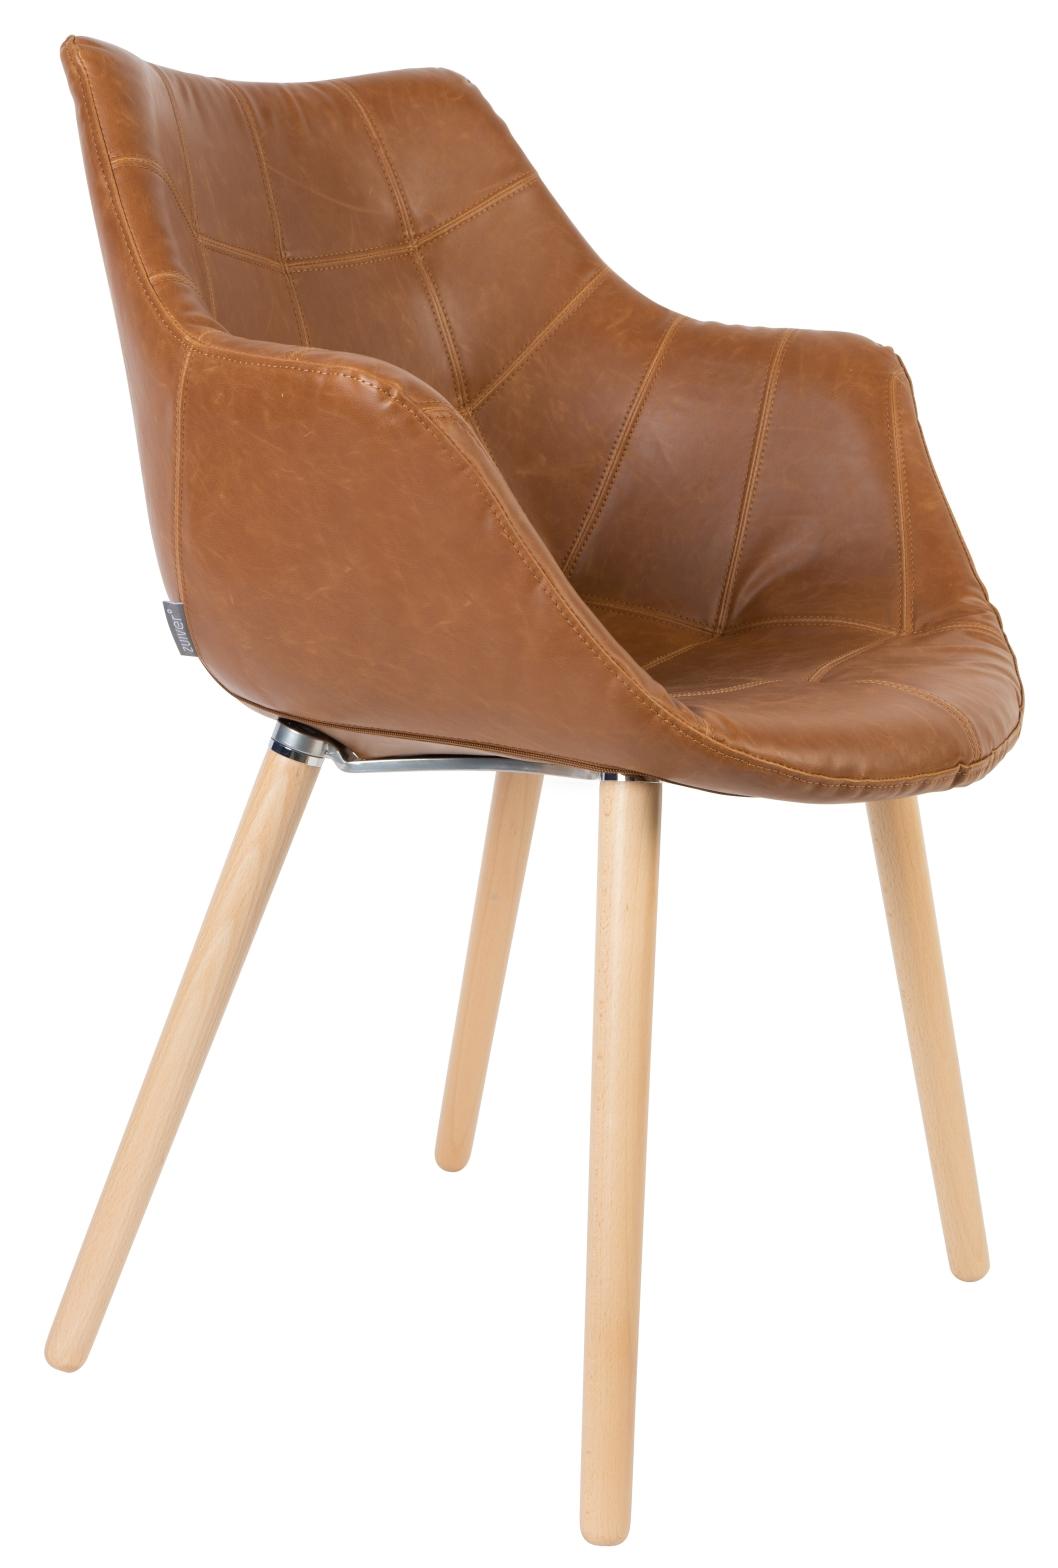 Vintage design stoelen kopen?   Online Internetwinkel